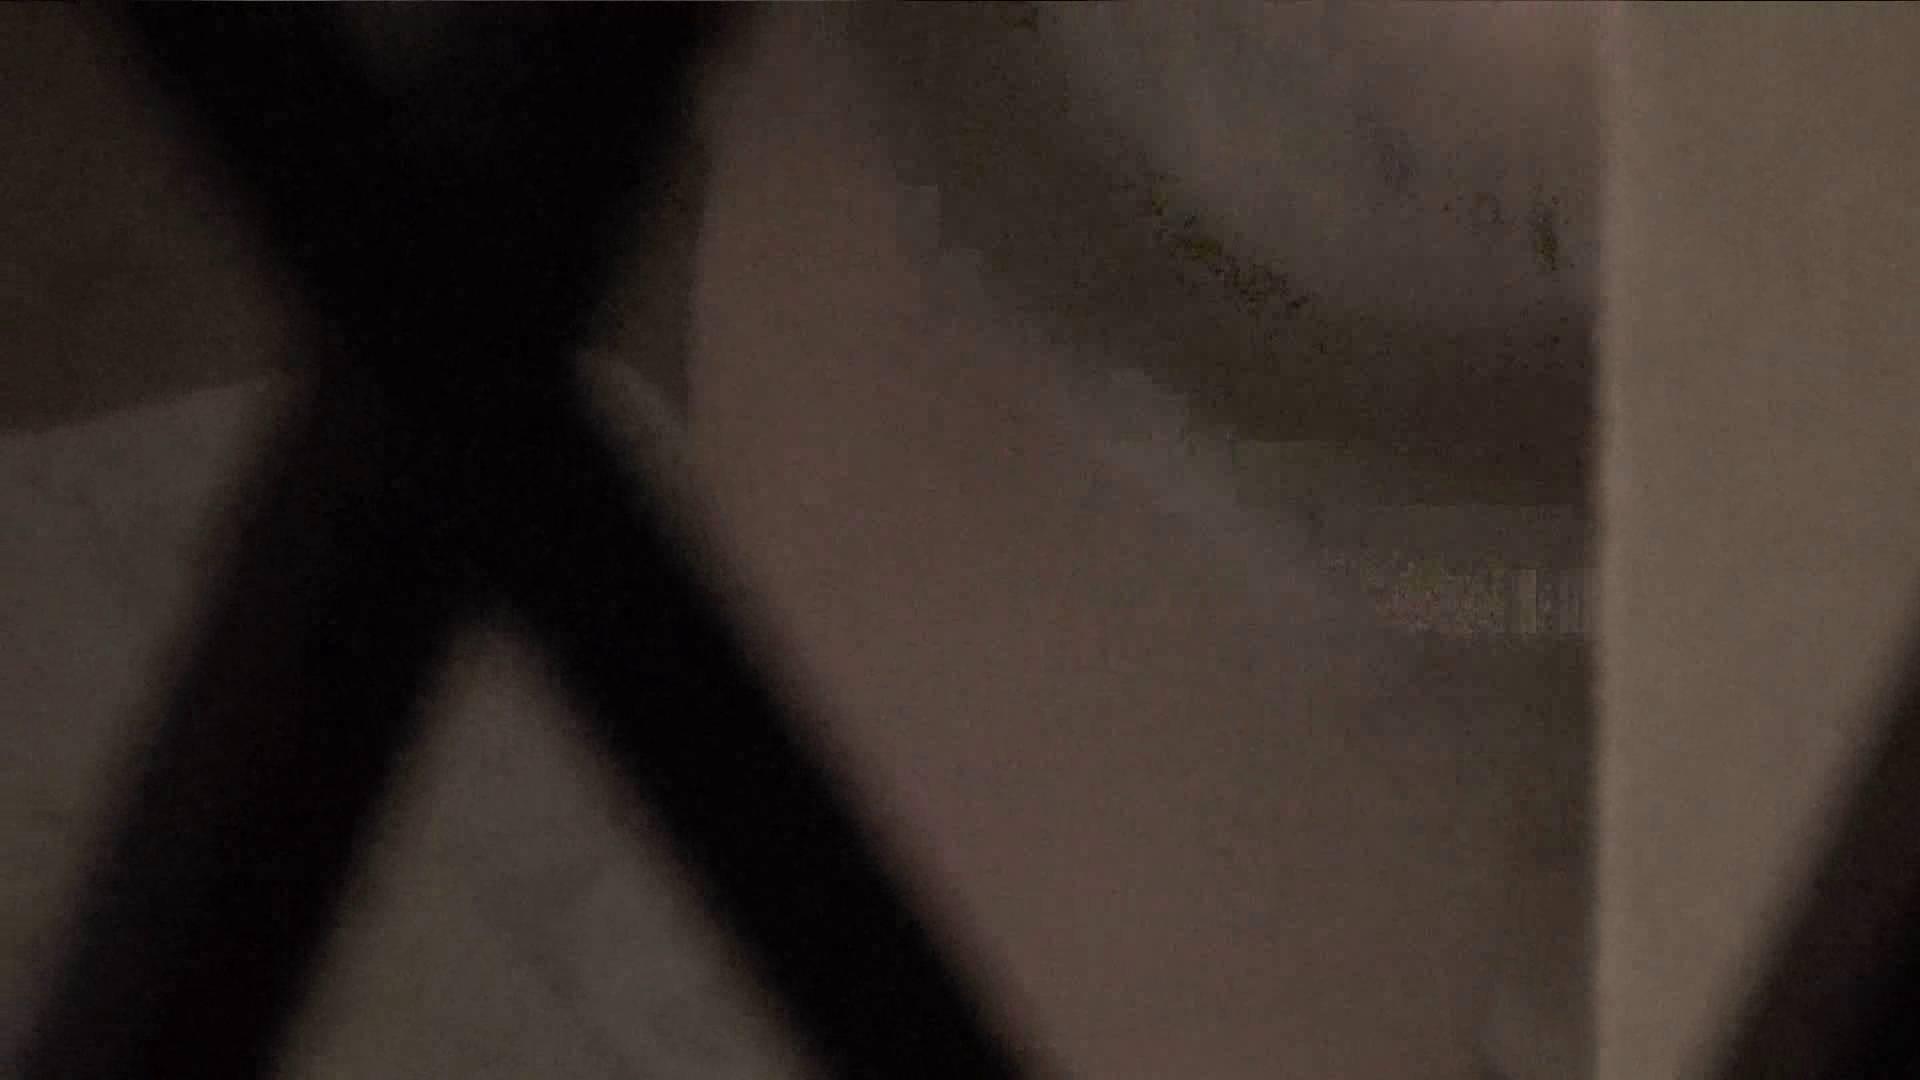 民家の騎士さんの最後の性戦ハイビジョン!!No.66 洗面所 | 民家ハメ撮り  94pic 22